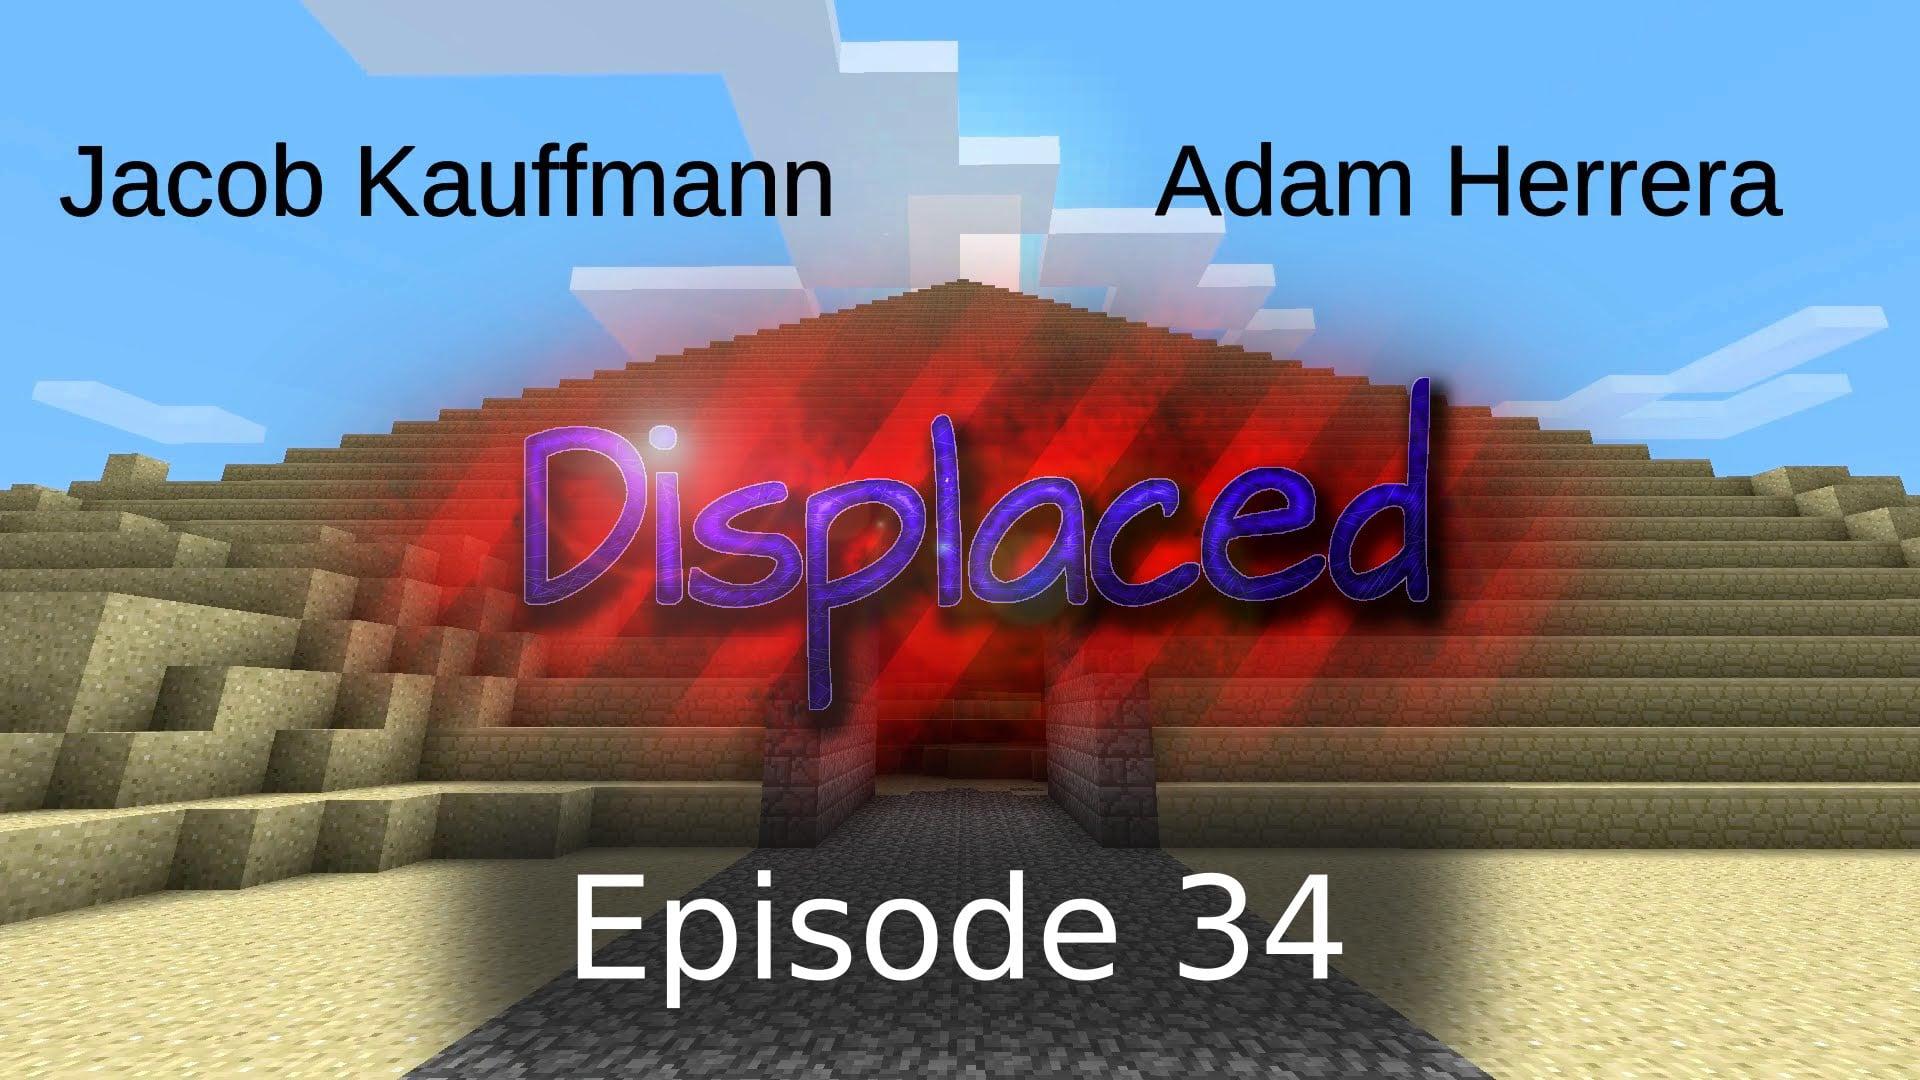 Episode 34 - Displaced